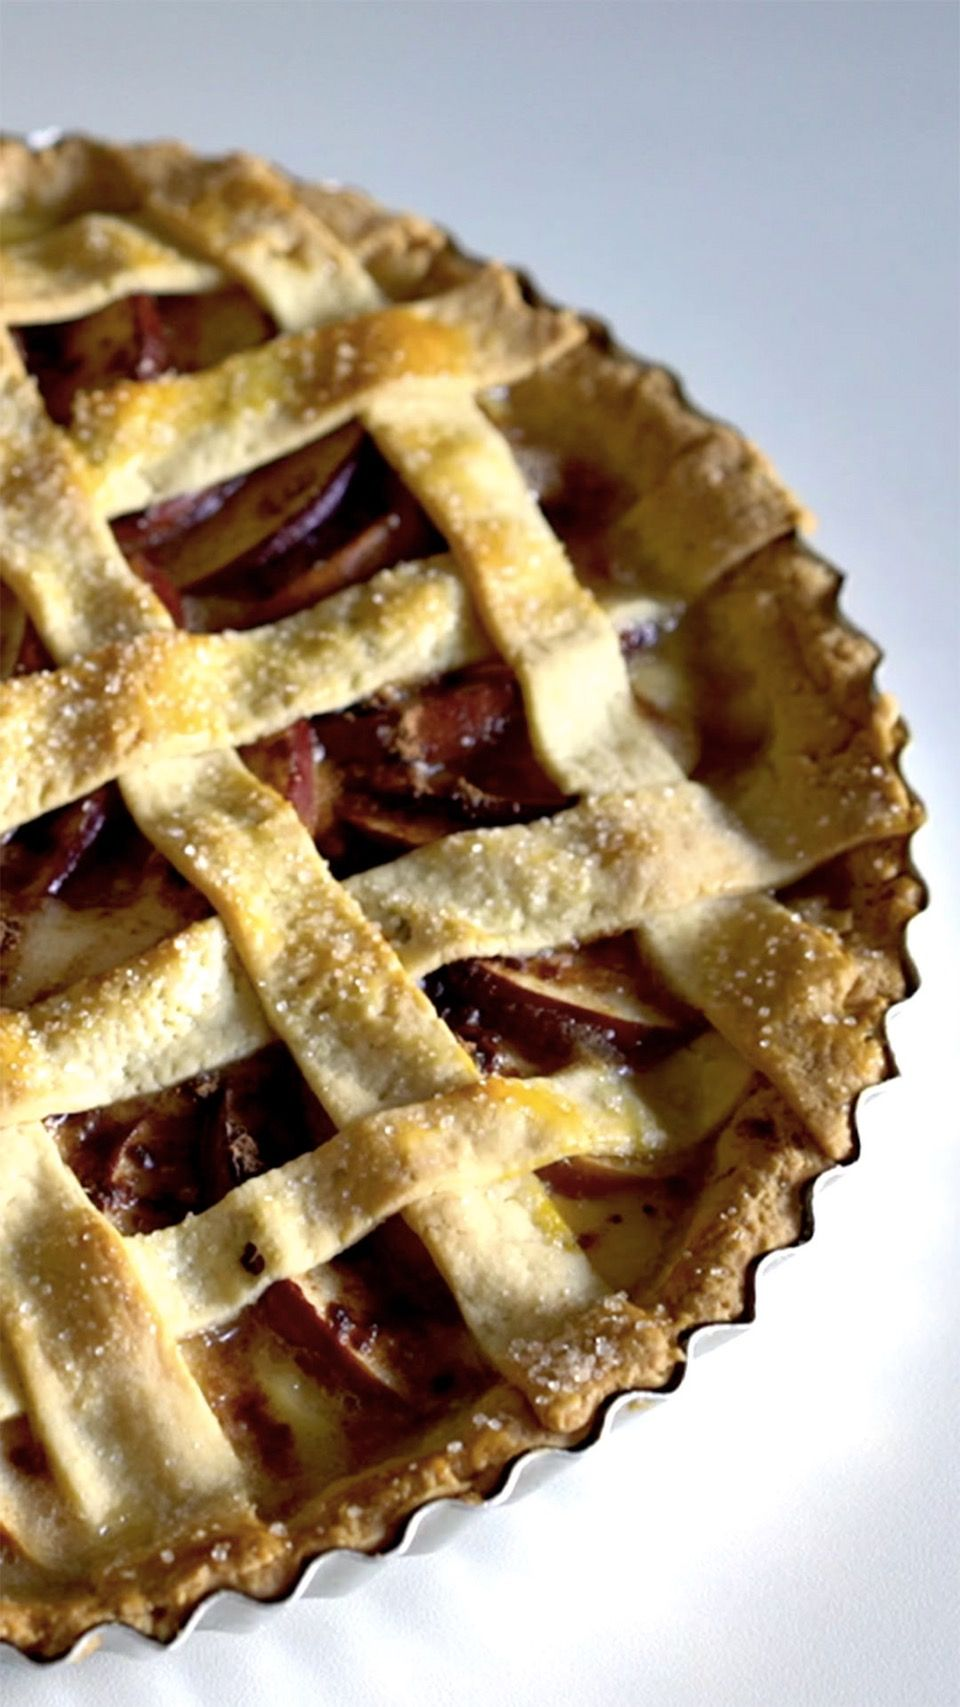 A torta de maçã é perfeita para acompanhar um chá durante a tarde.